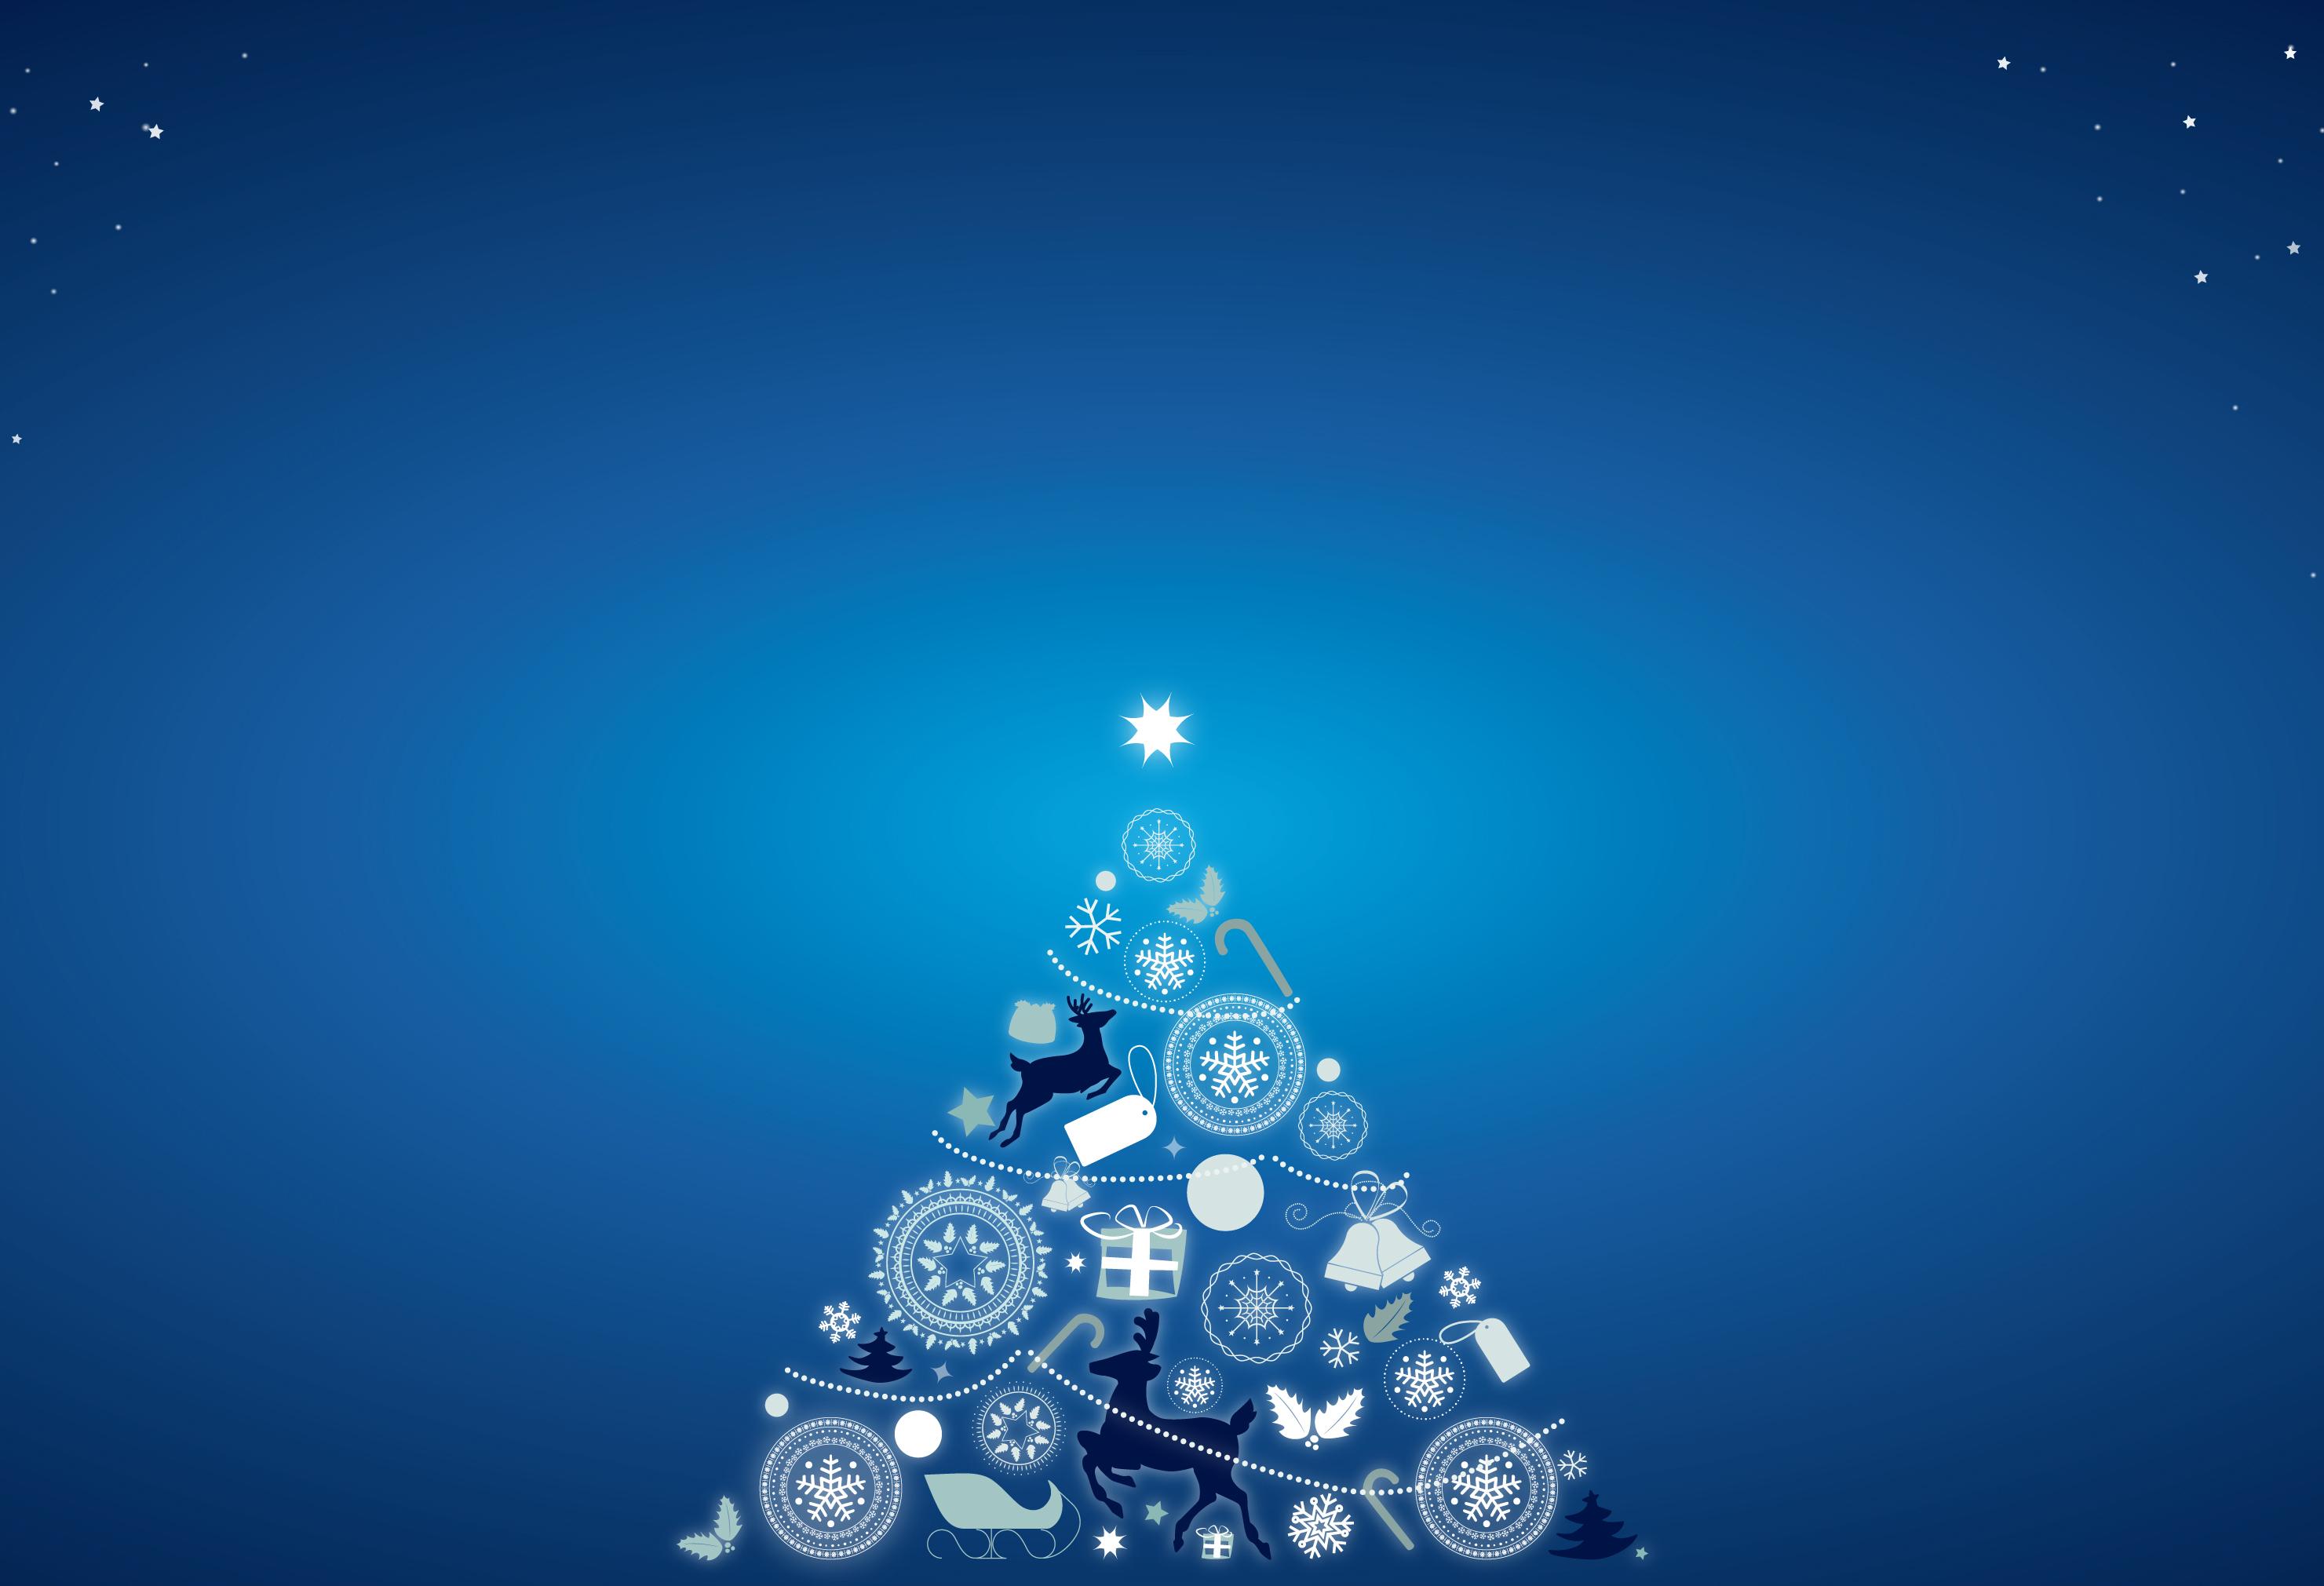 Tarjetas de Navidad, tarjetas navideñas para felicitar las